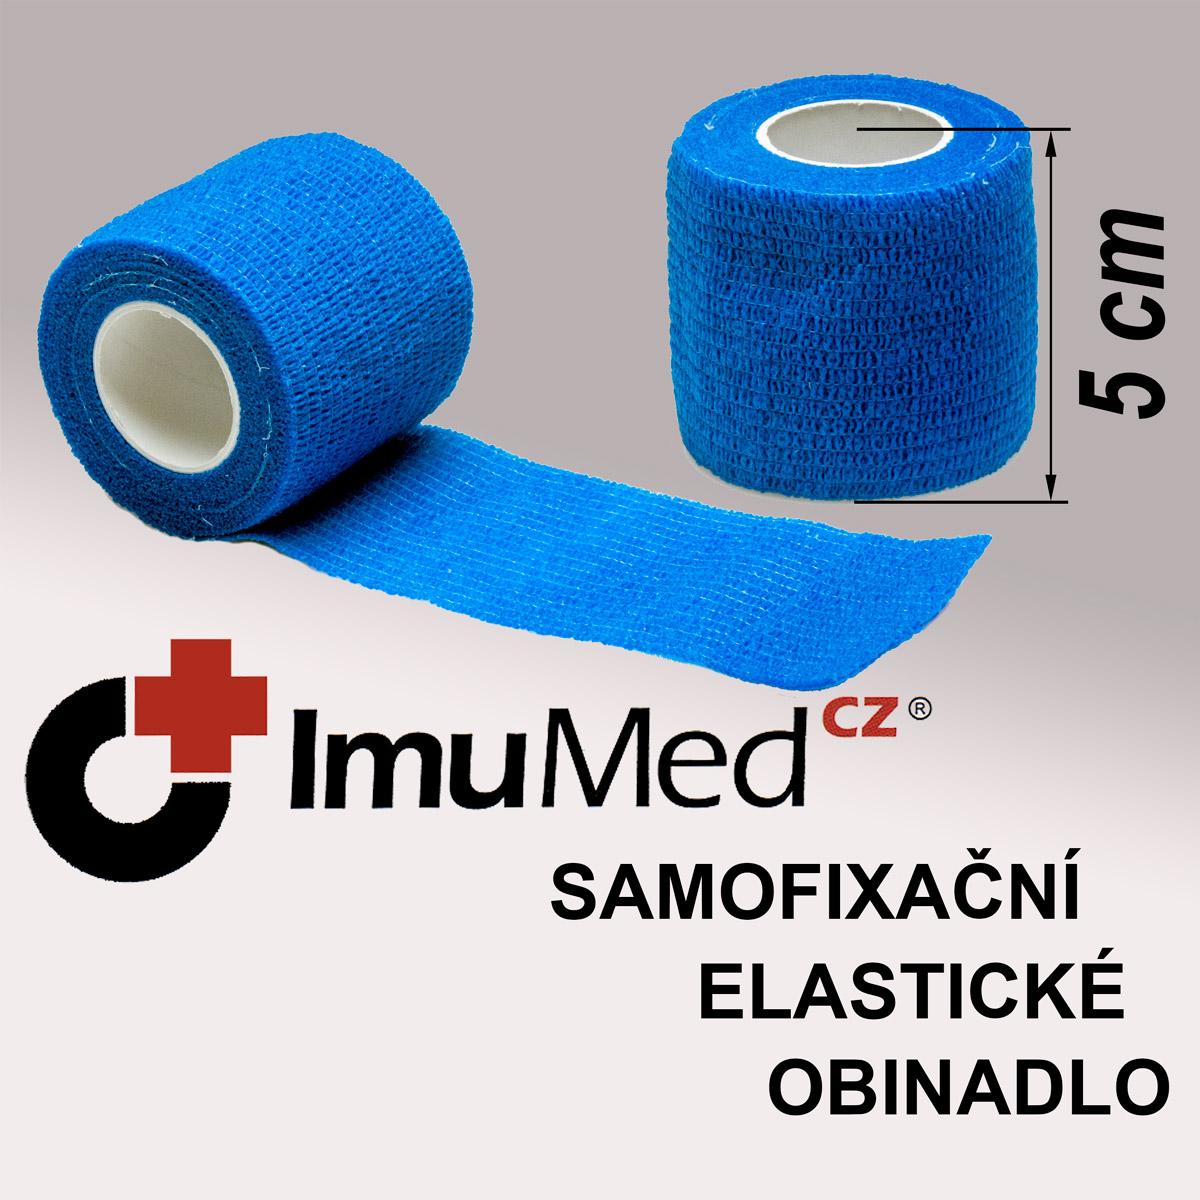 ImuMedCZ samofixační elastické obinadlo 5 cm x 4,5 m MODRÁ barva ImuMedCZ samodržící elastické obinadlo 5 cm x 4,5 m MODRÁ barva